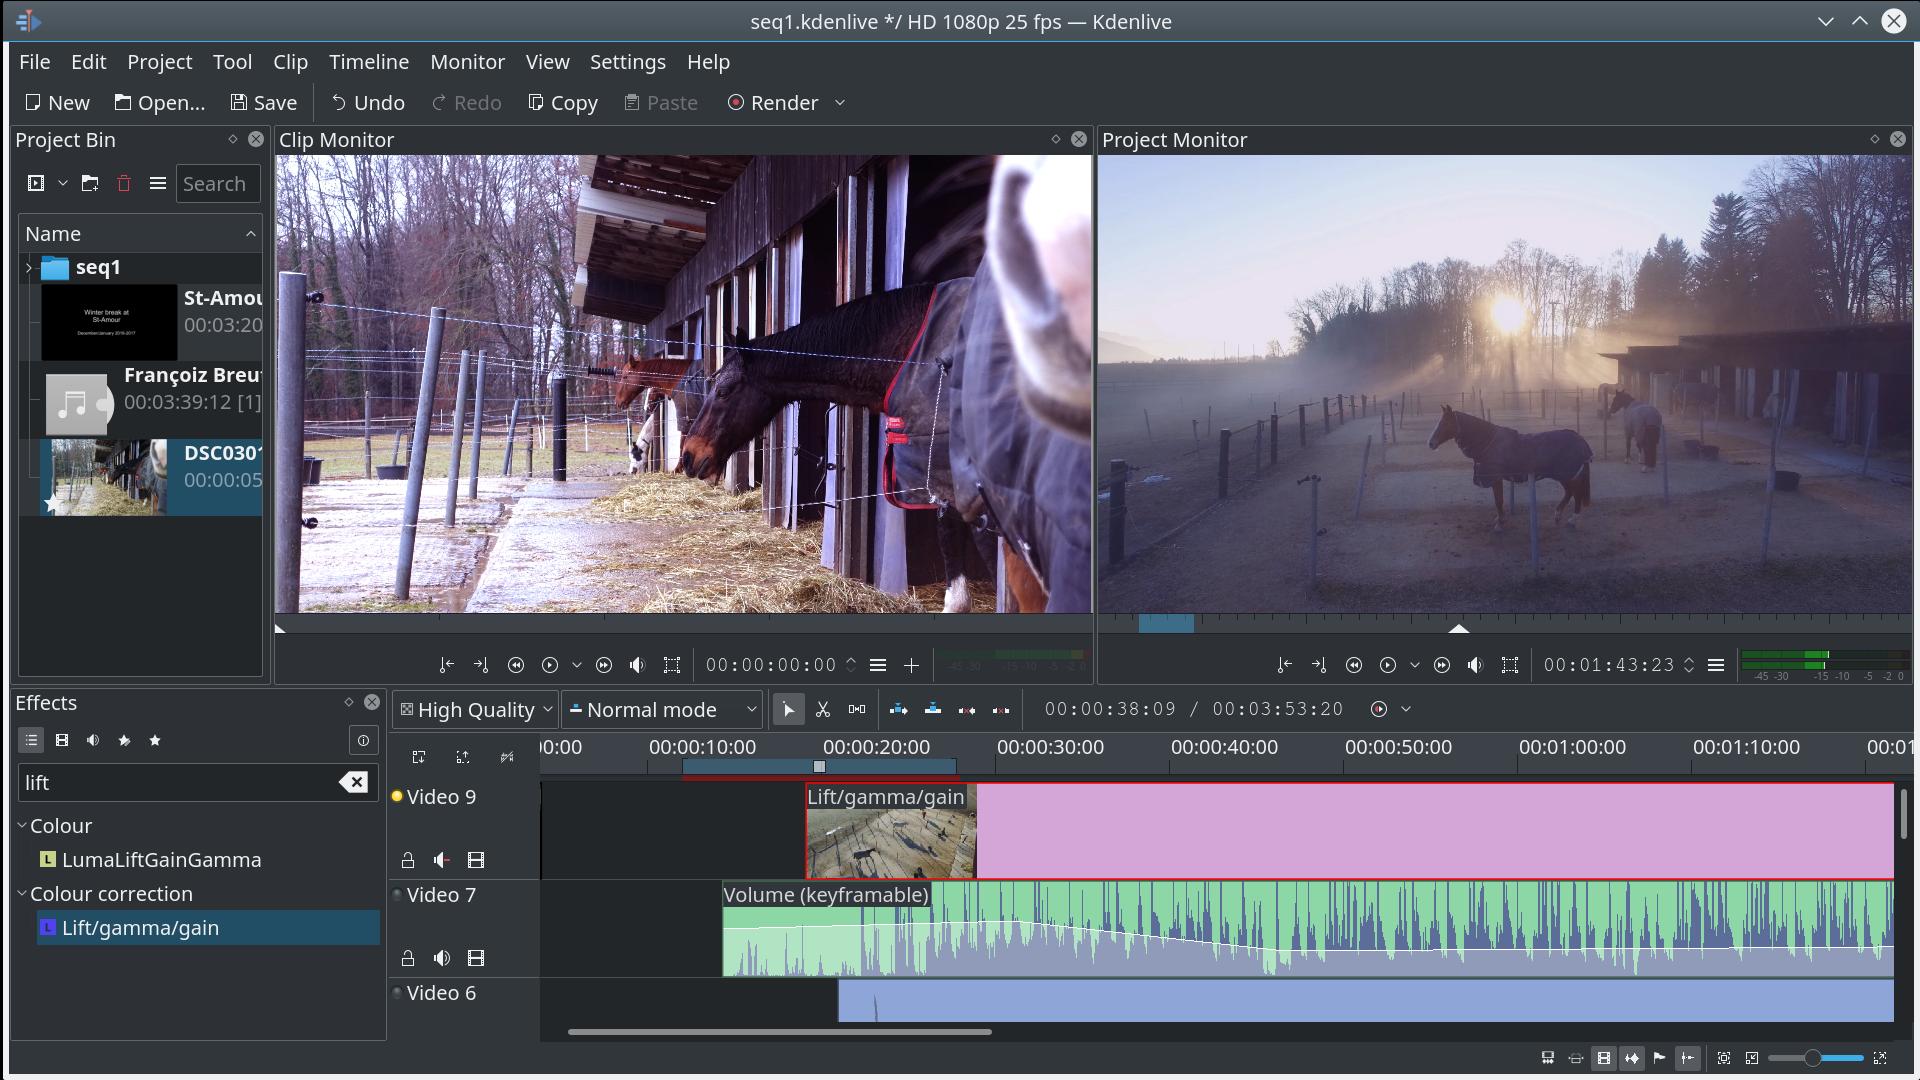 Kdenlive és un editor de vídeo per a crear composicions audiovisuals Font: Kdenlive